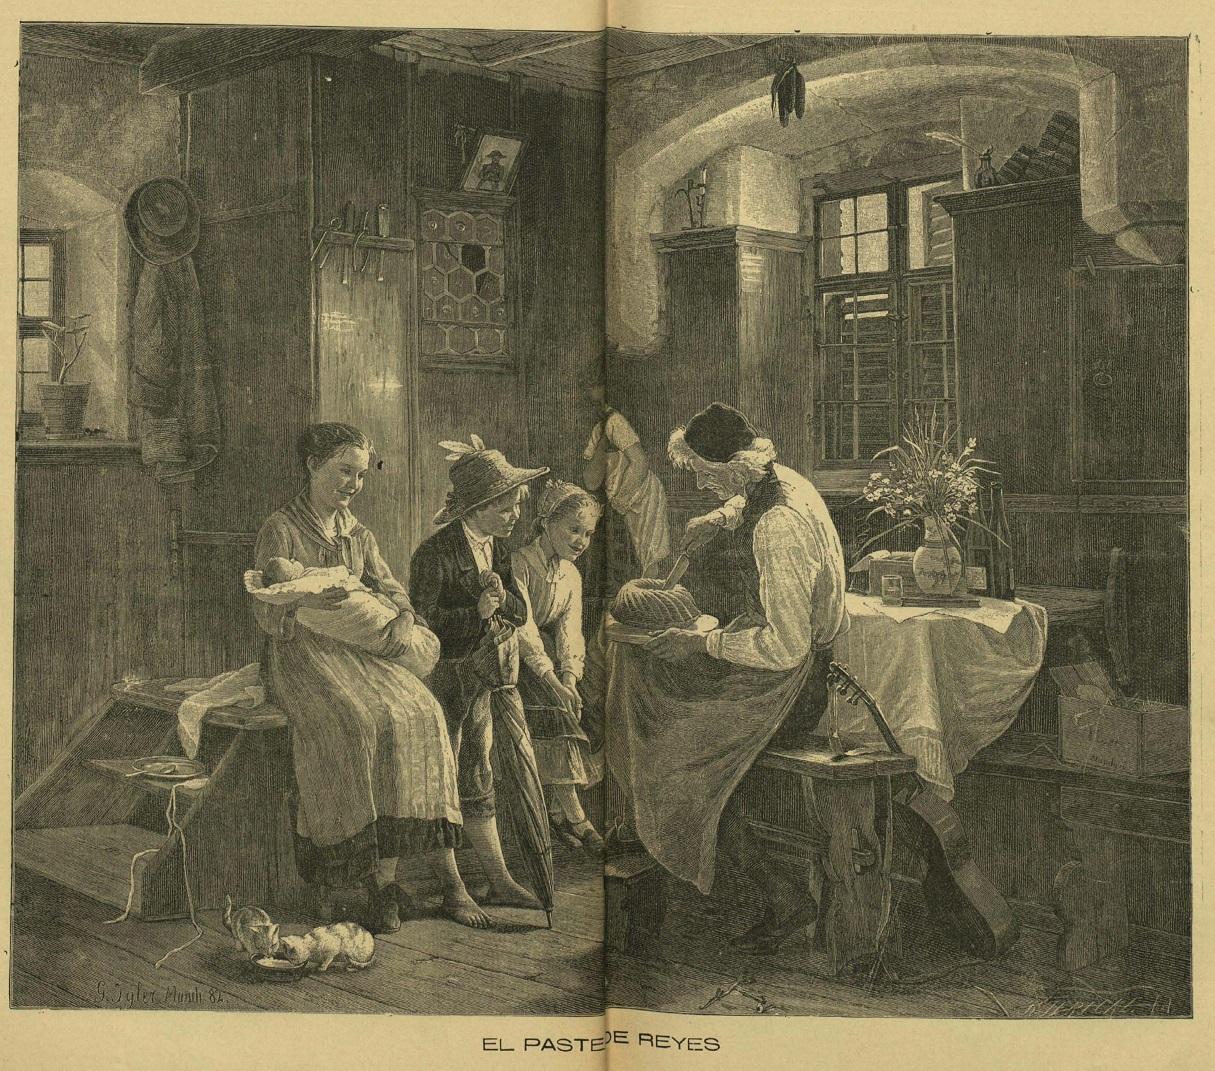 Pastel de Reyes. El Álbum ibero americano (7/1/1897).